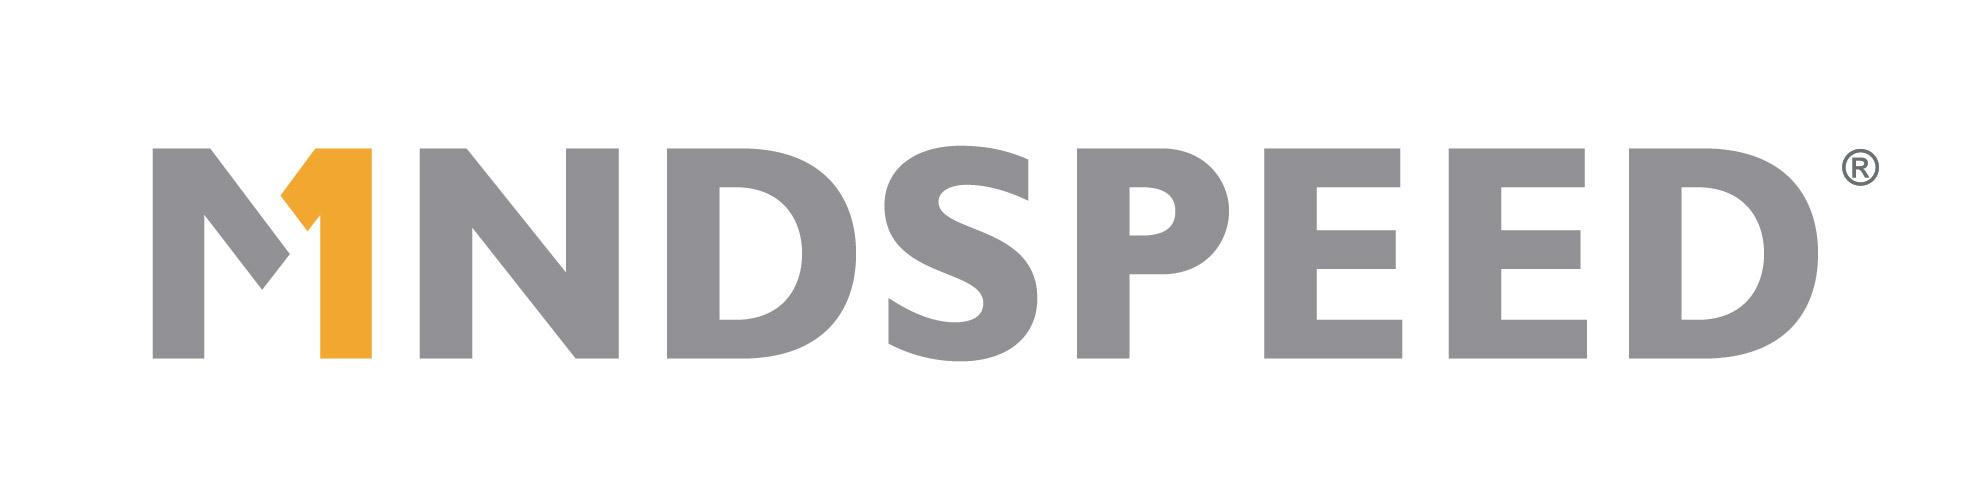 Mindspeed Technologies Logo